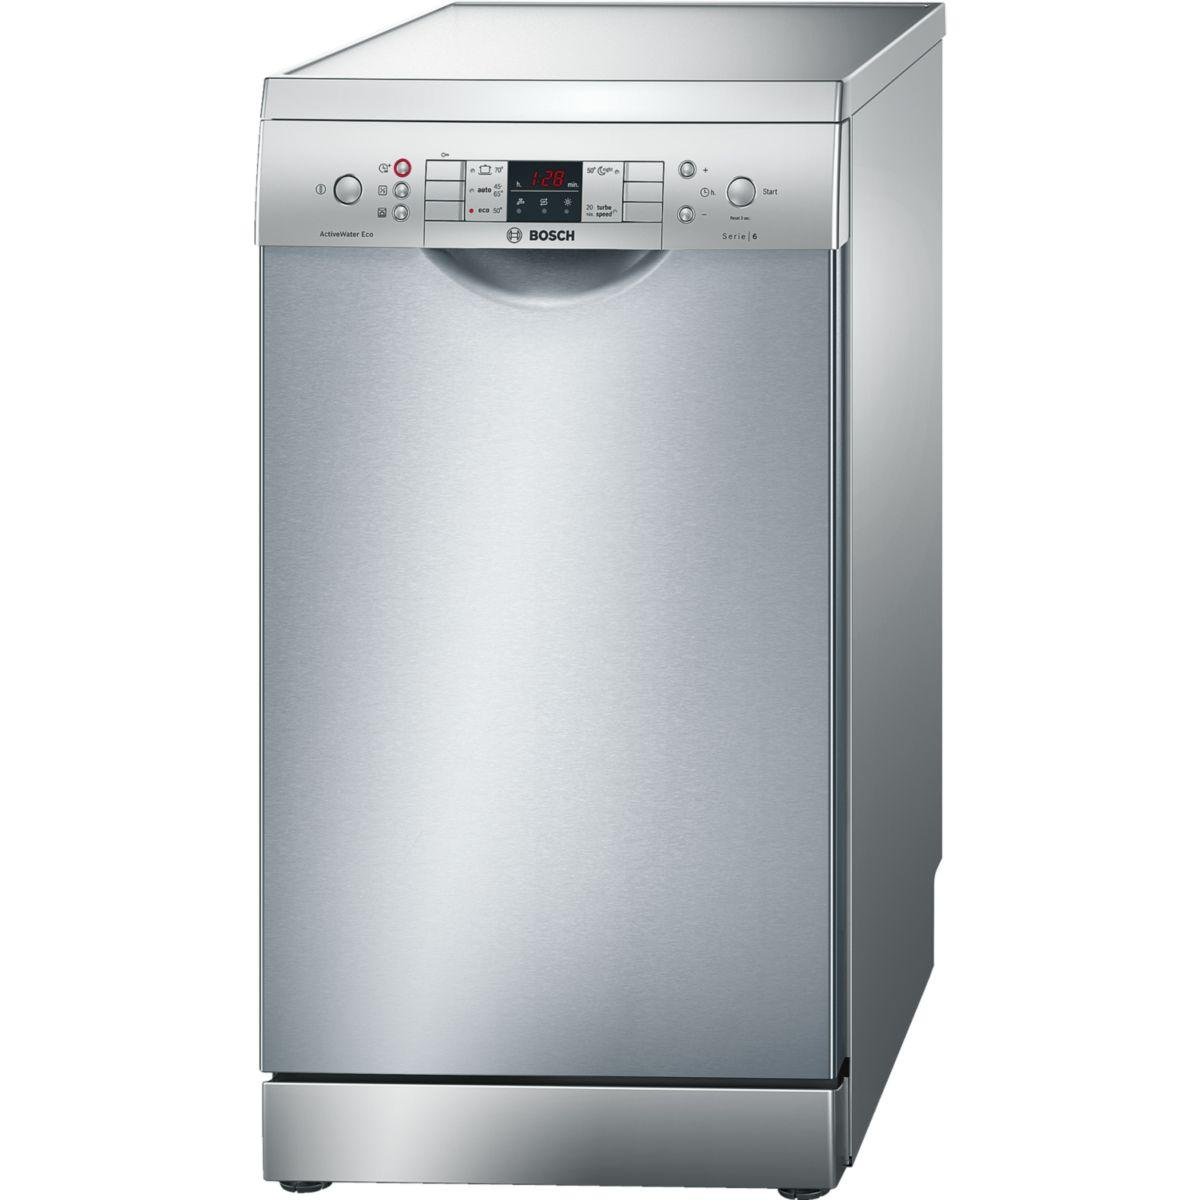 Lave-vaisselle 45cm BOSCH EX SPS53M98EU